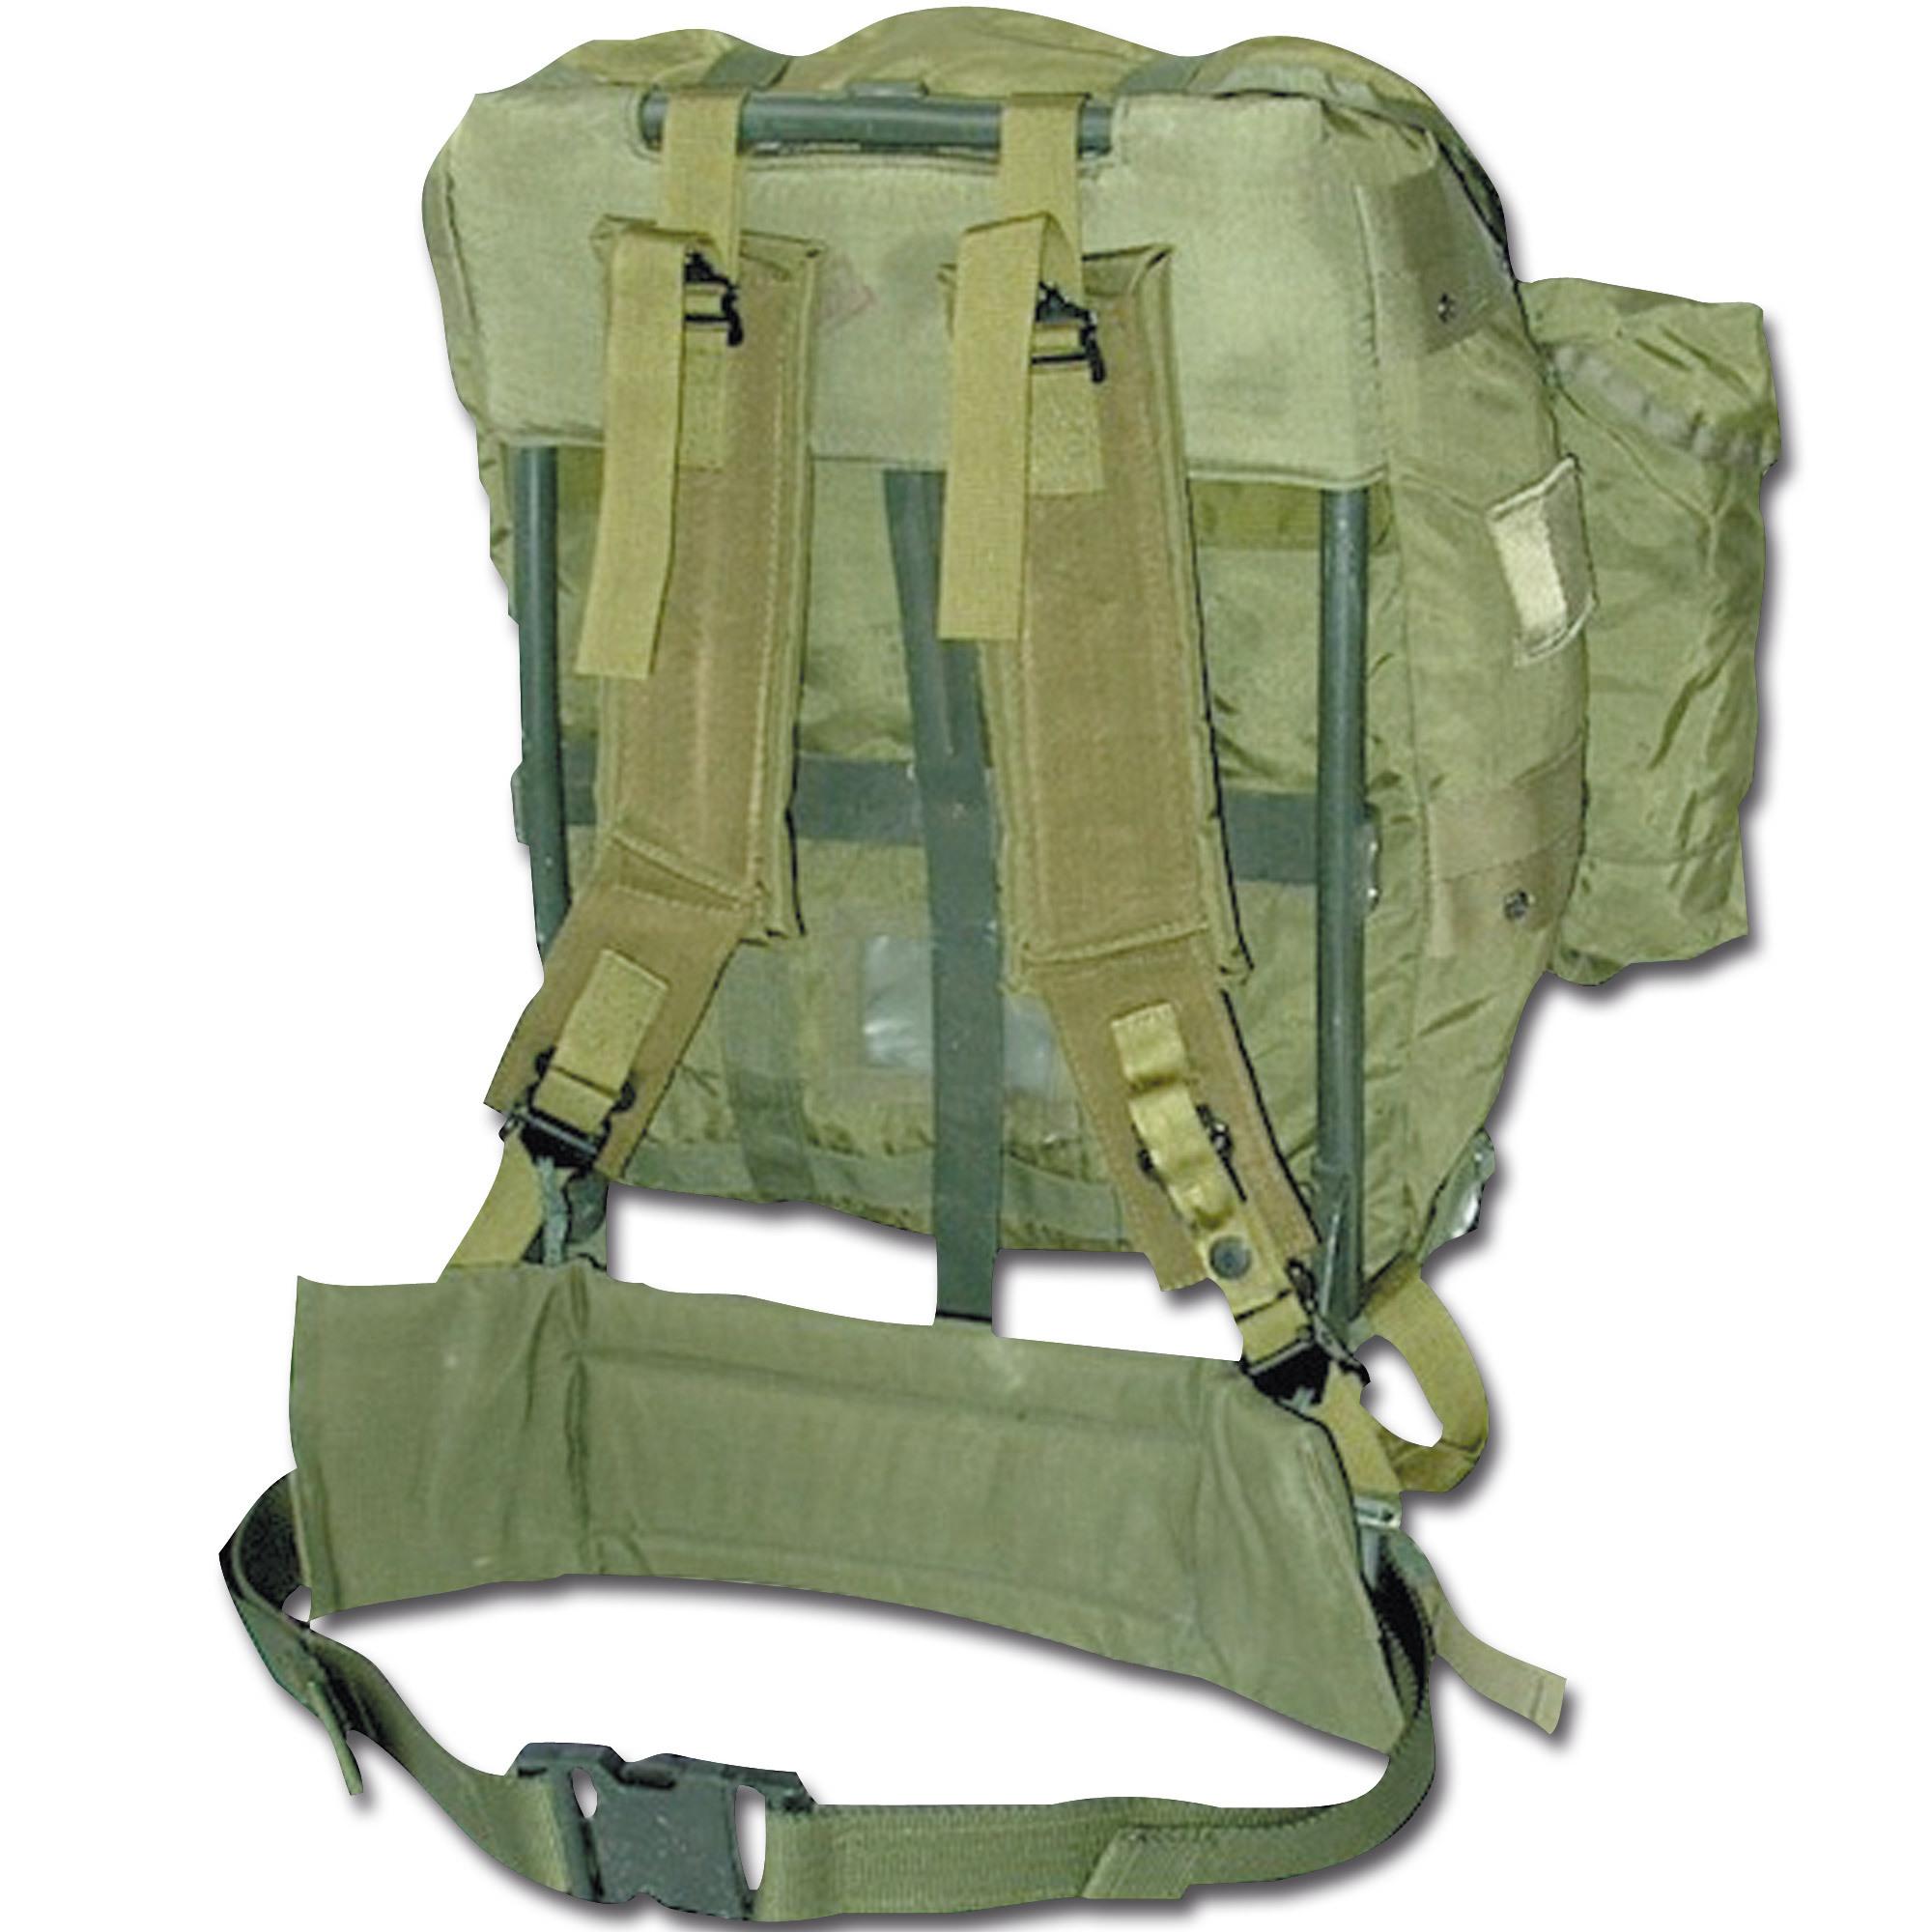 Рюкзак элис купить без рамы тревожный рюкзак людоеда